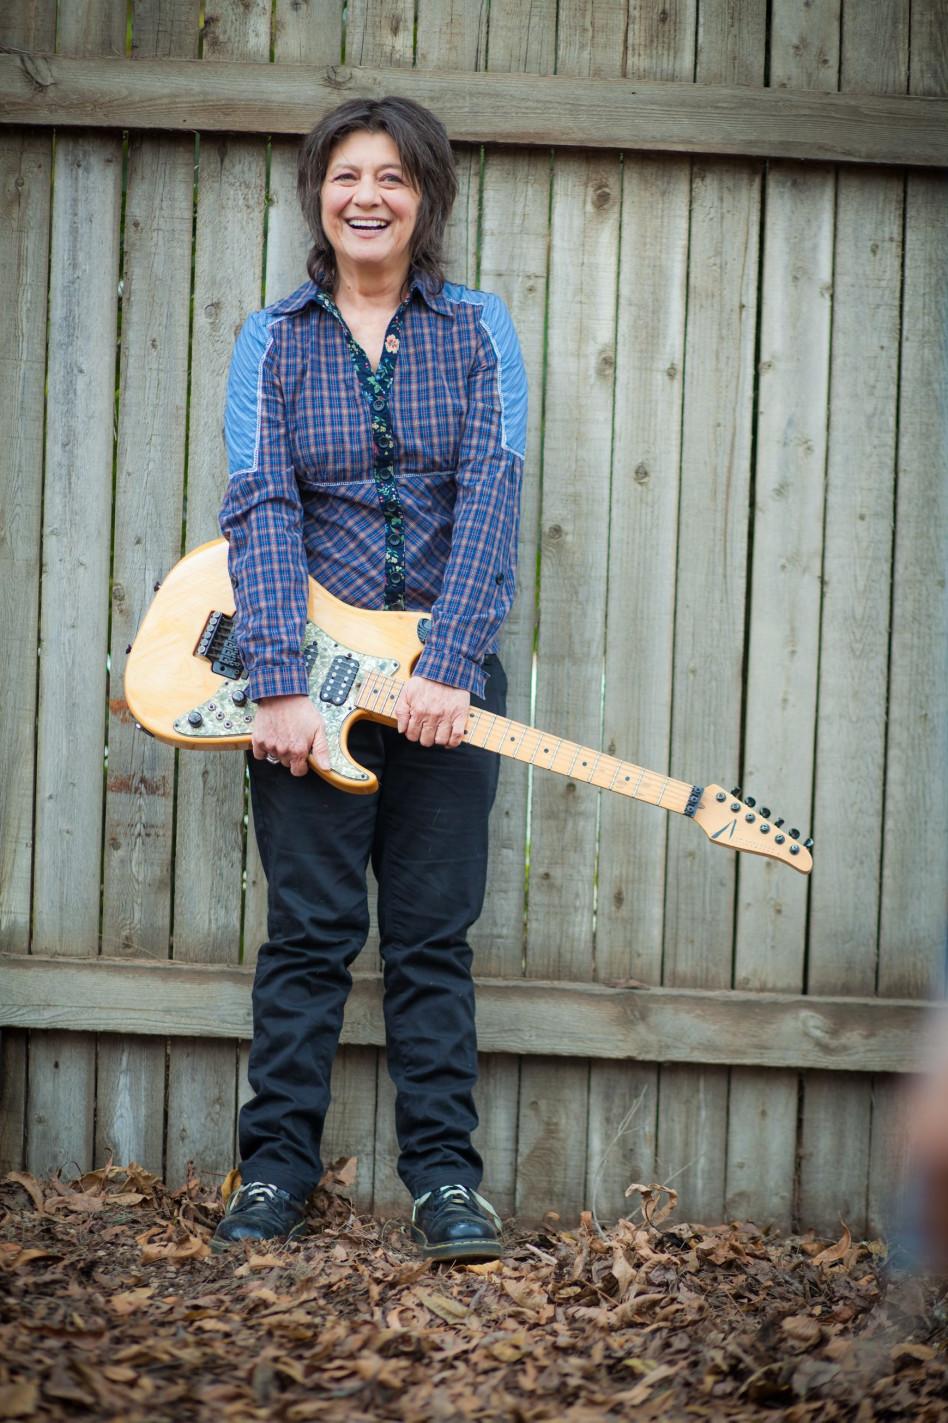 רק אני והגיטרה. קורין אלאל (צילום: אריק סולטן)